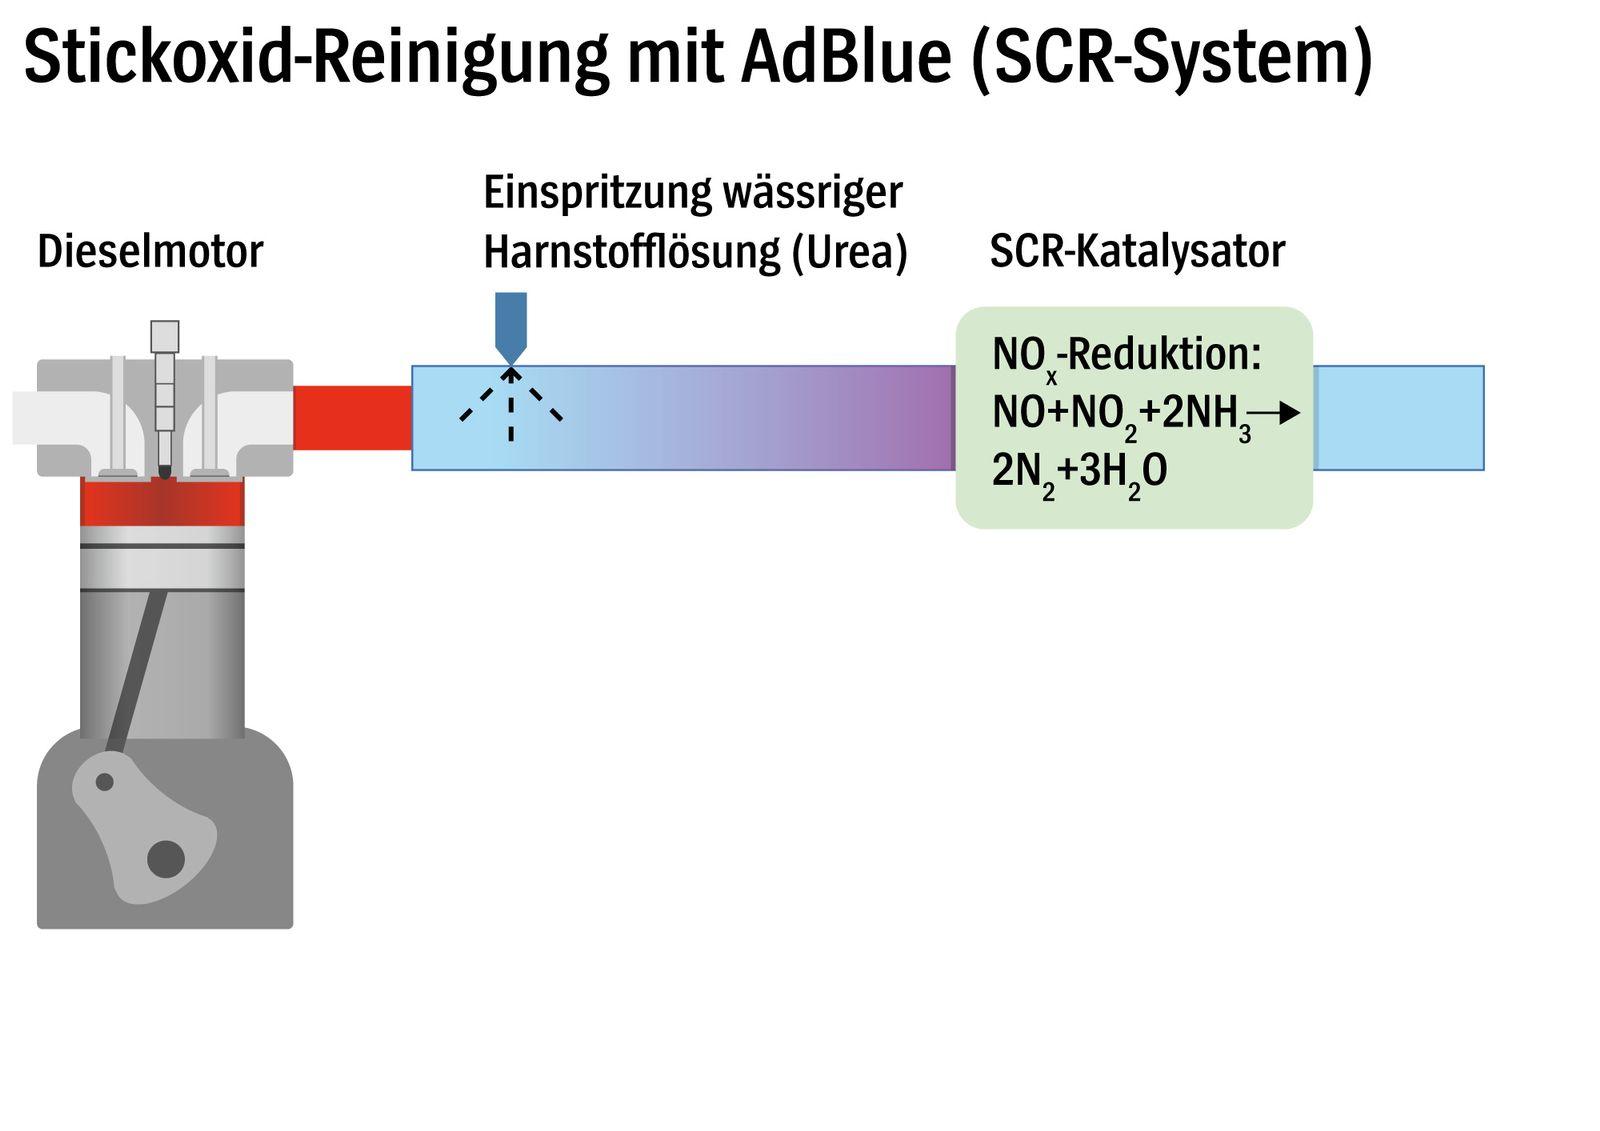 Stickoxid-Reinigung mit AdBlue